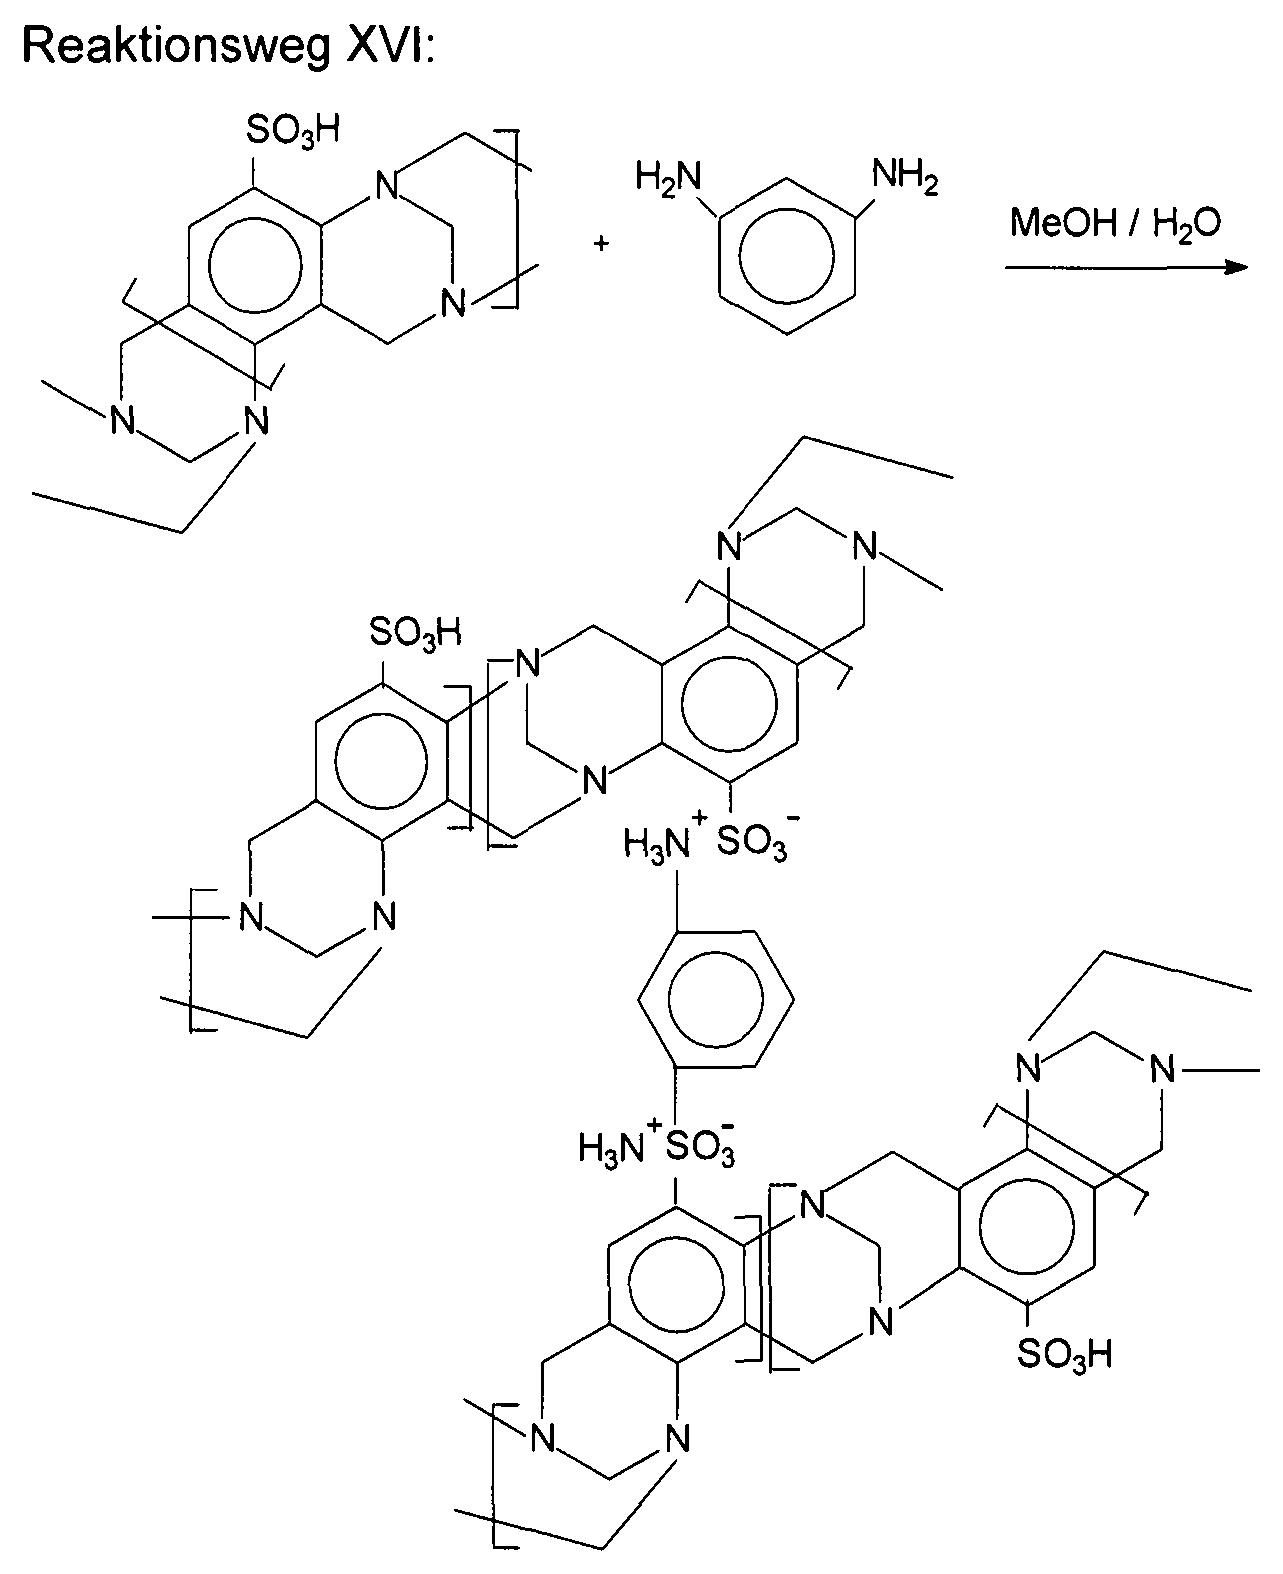 Figure DE112016005378T5_0037